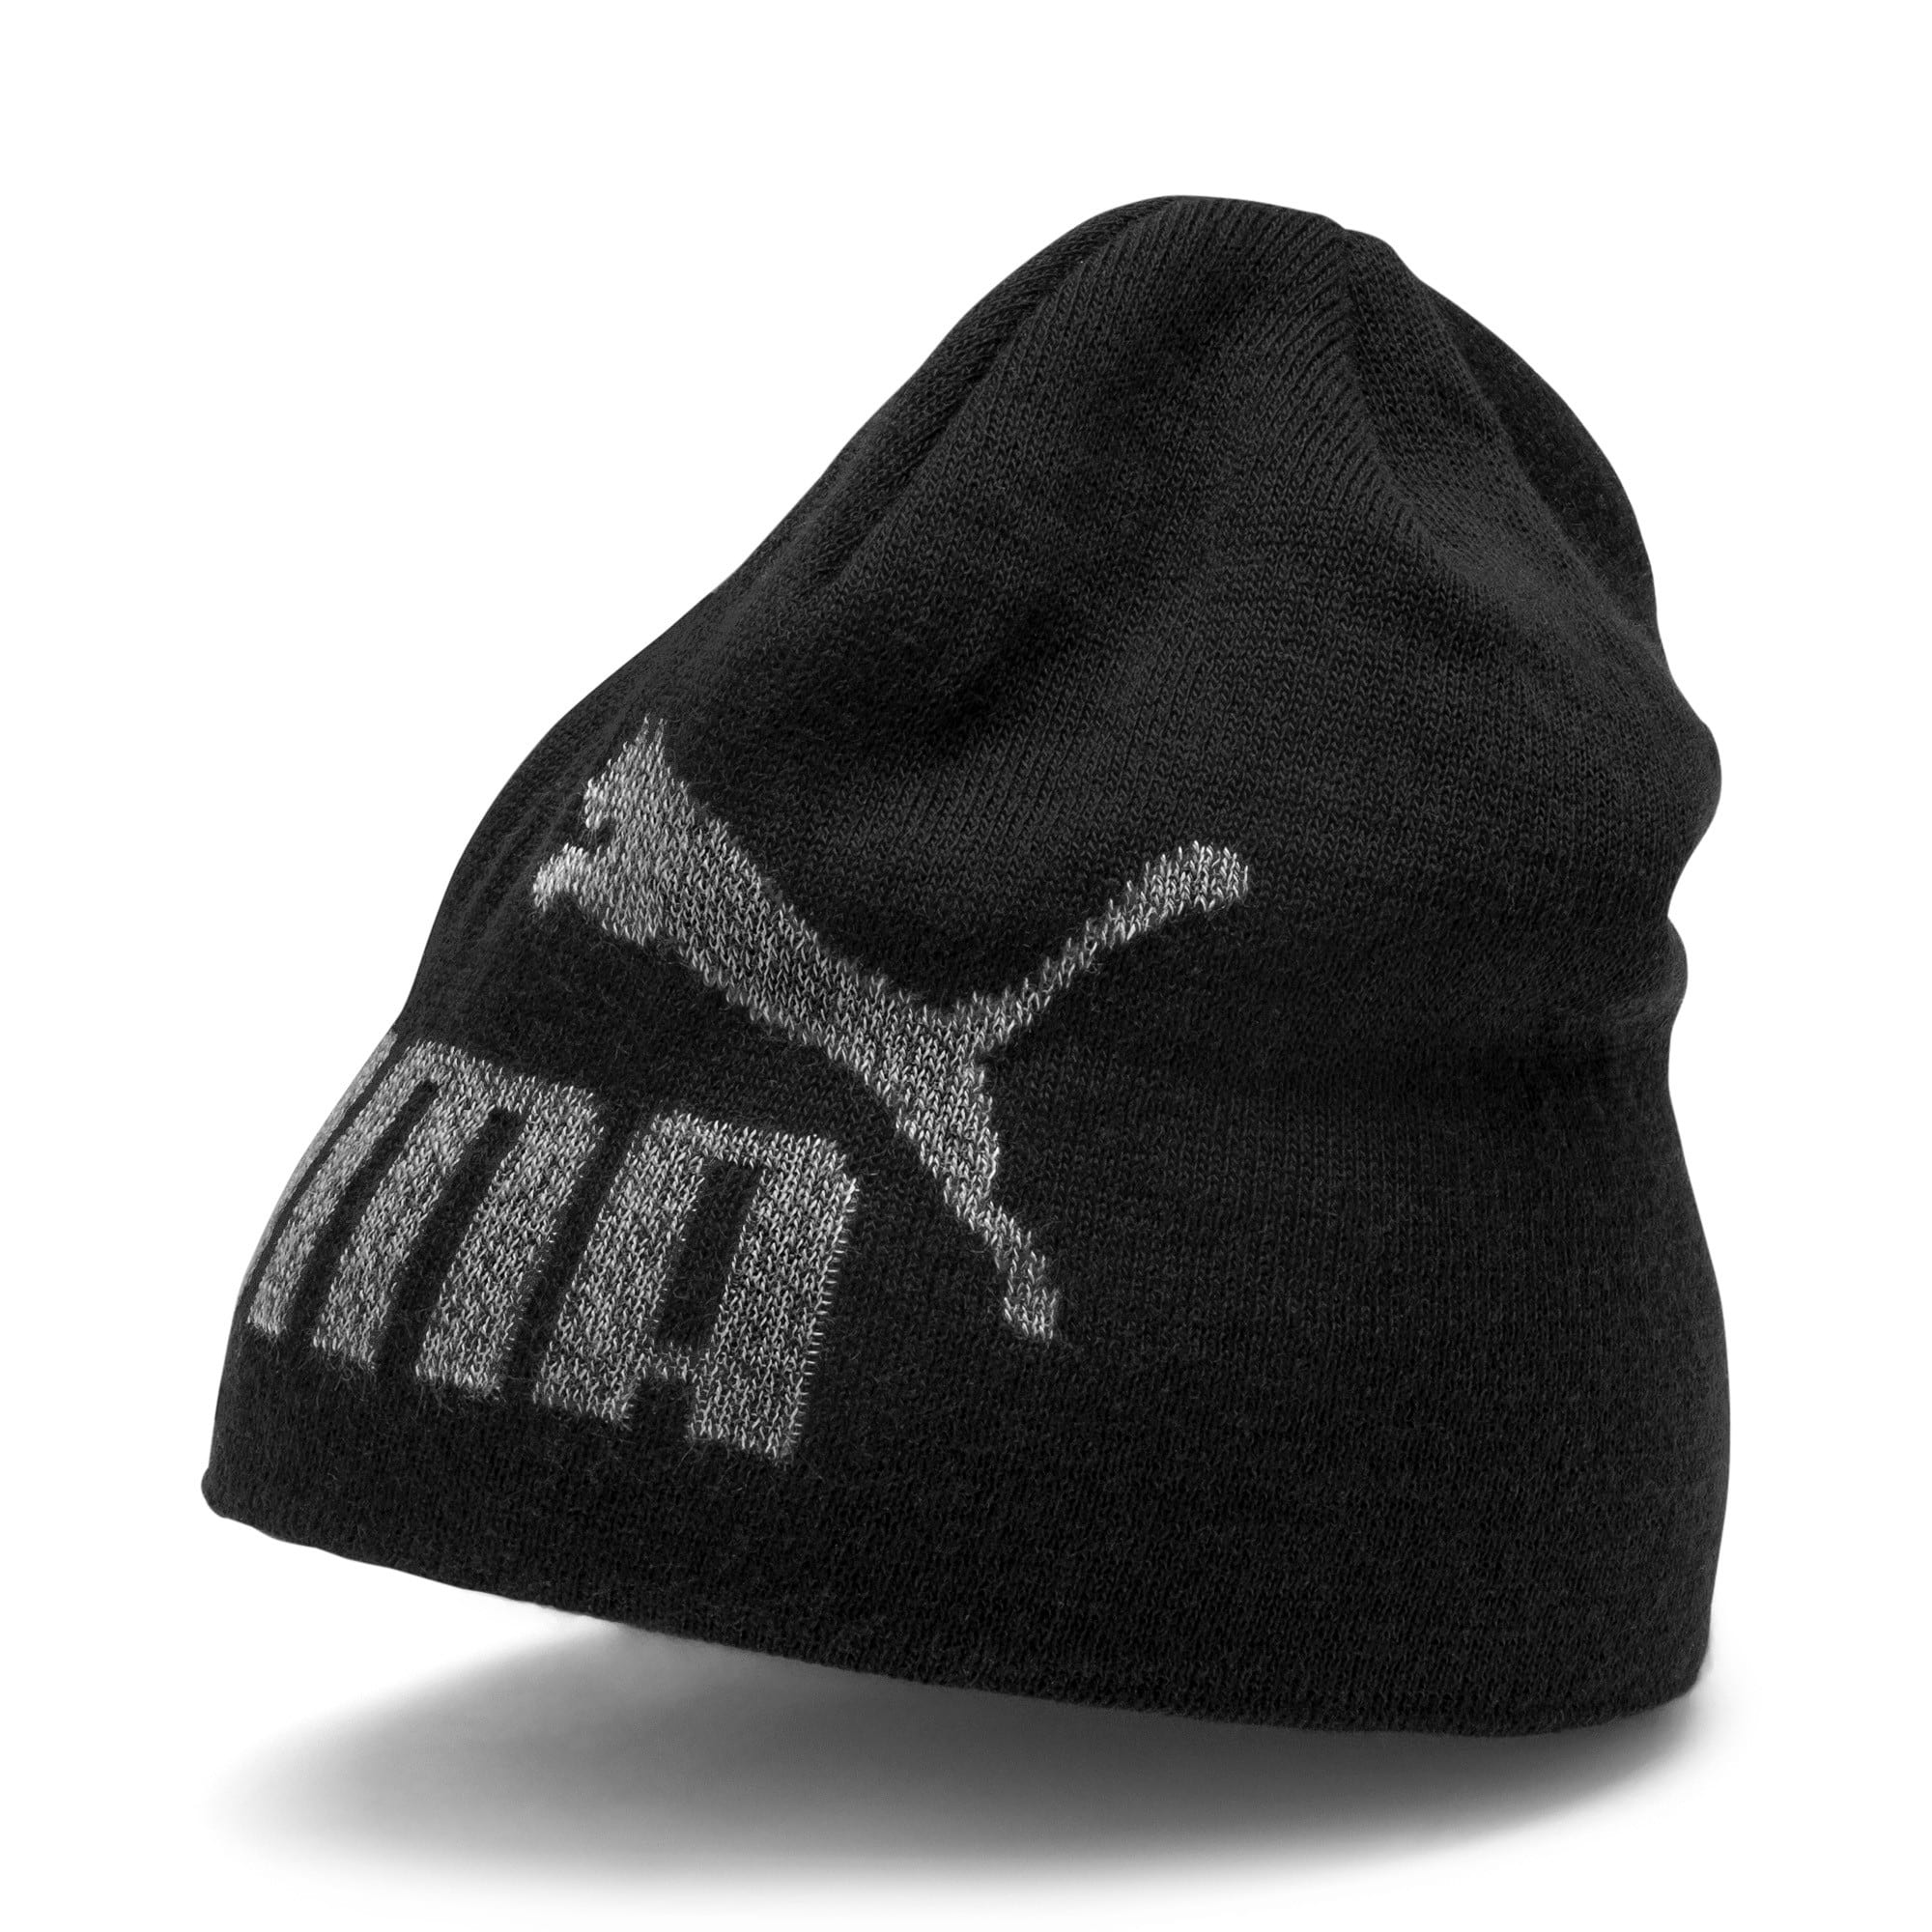 Thumbnail 1 of Bonnet Essentials, Puma Black-NO 1, medium